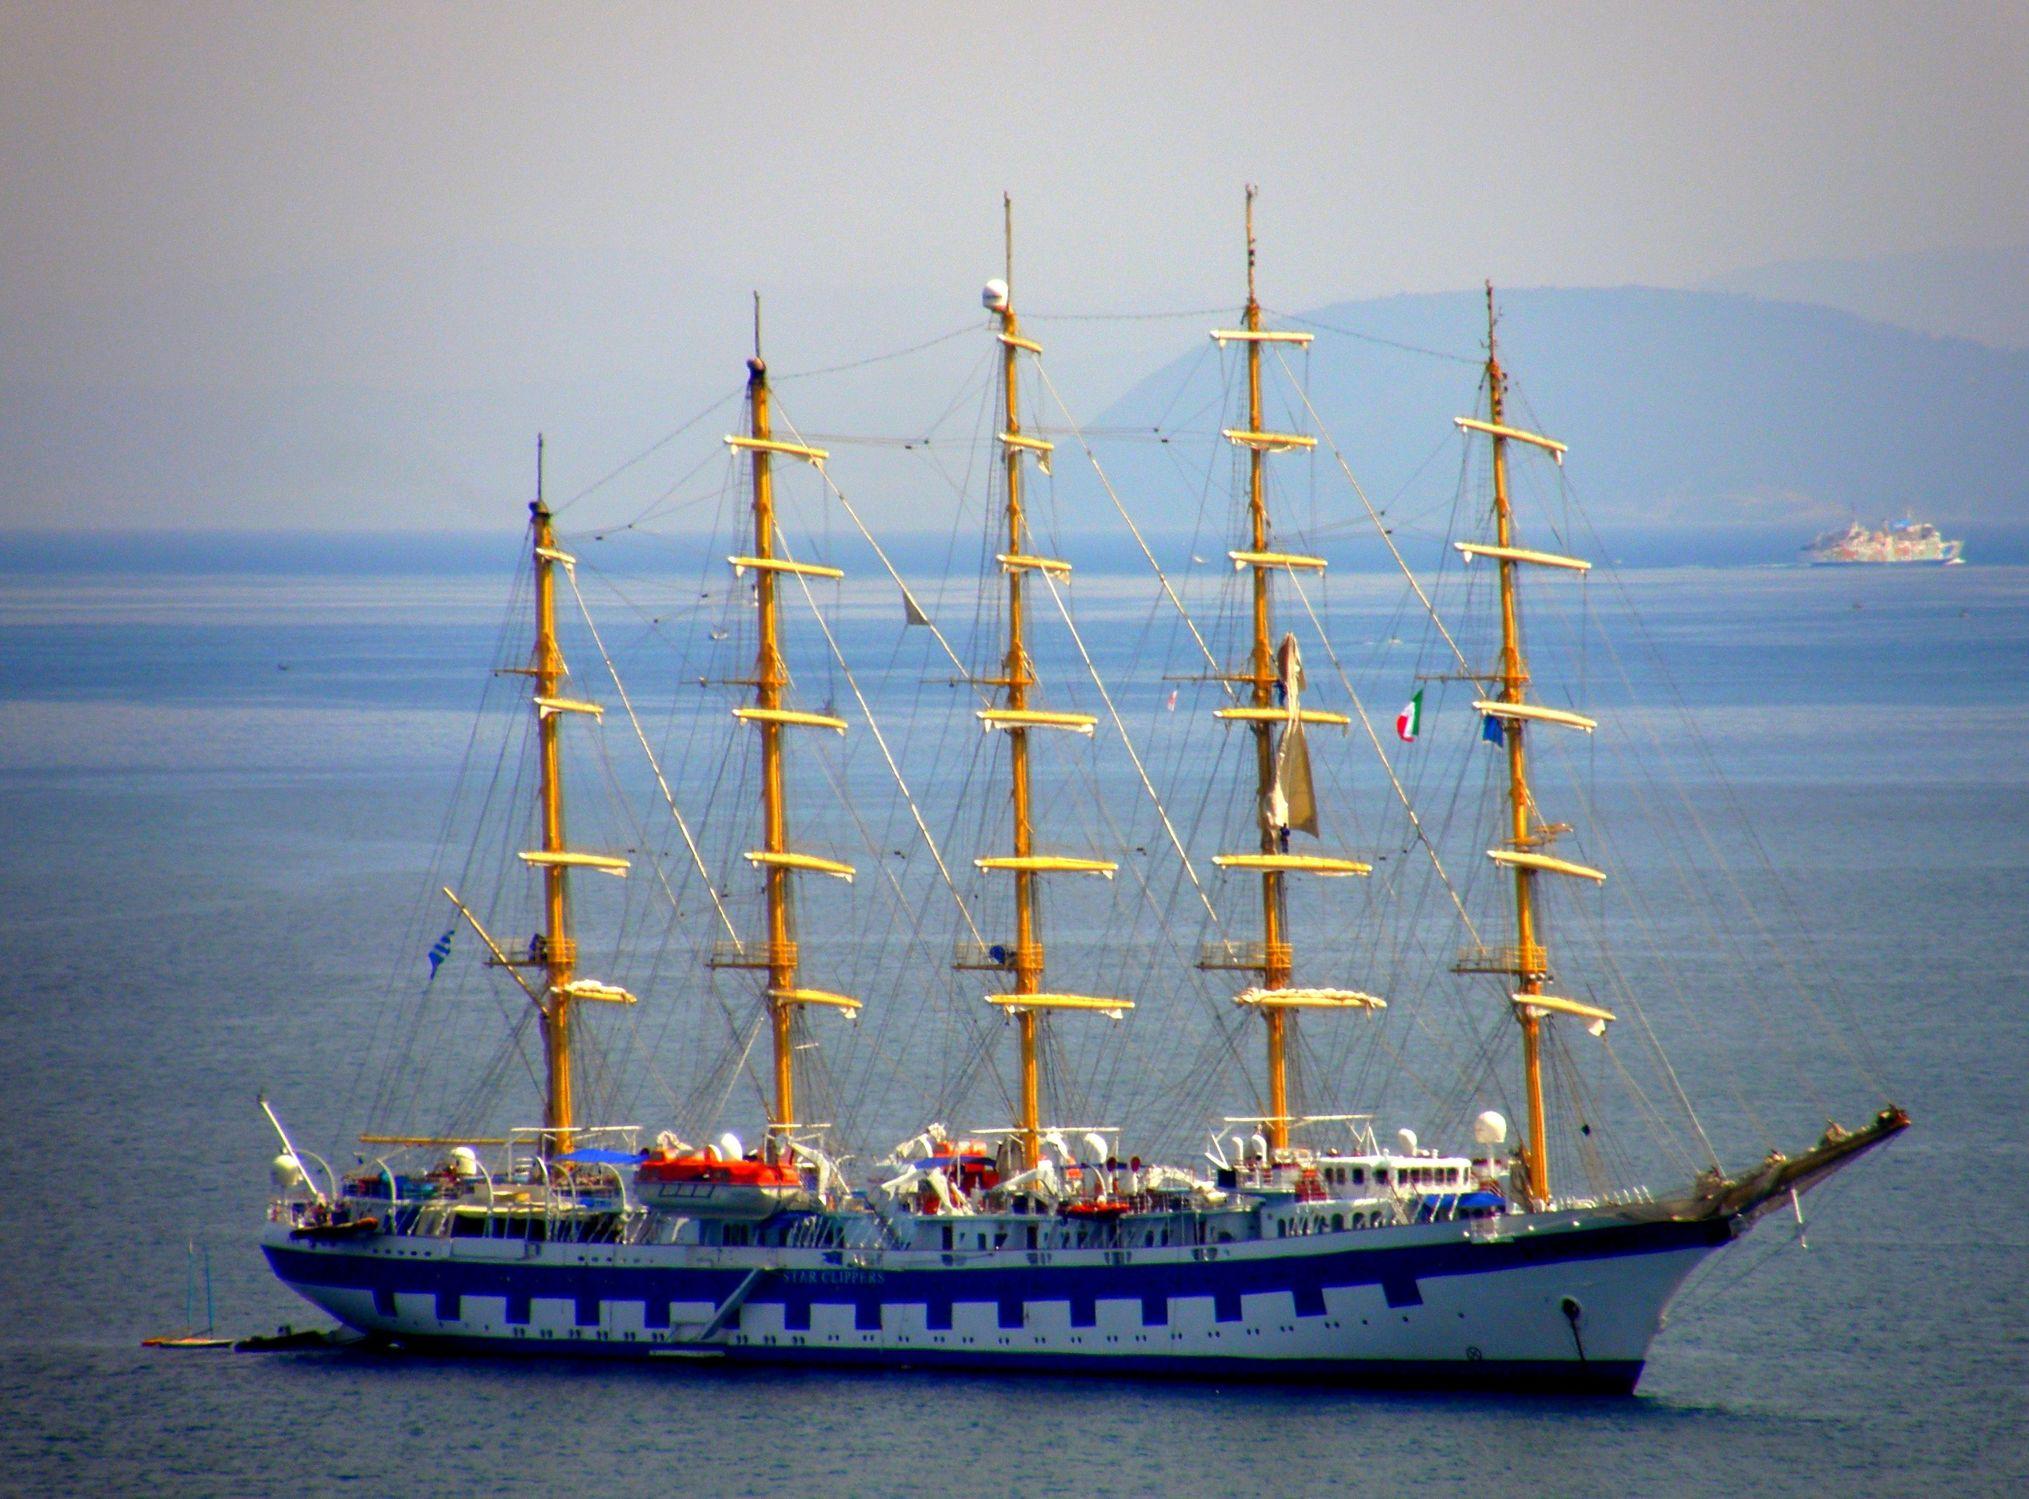 Bild mit Segelschiffe